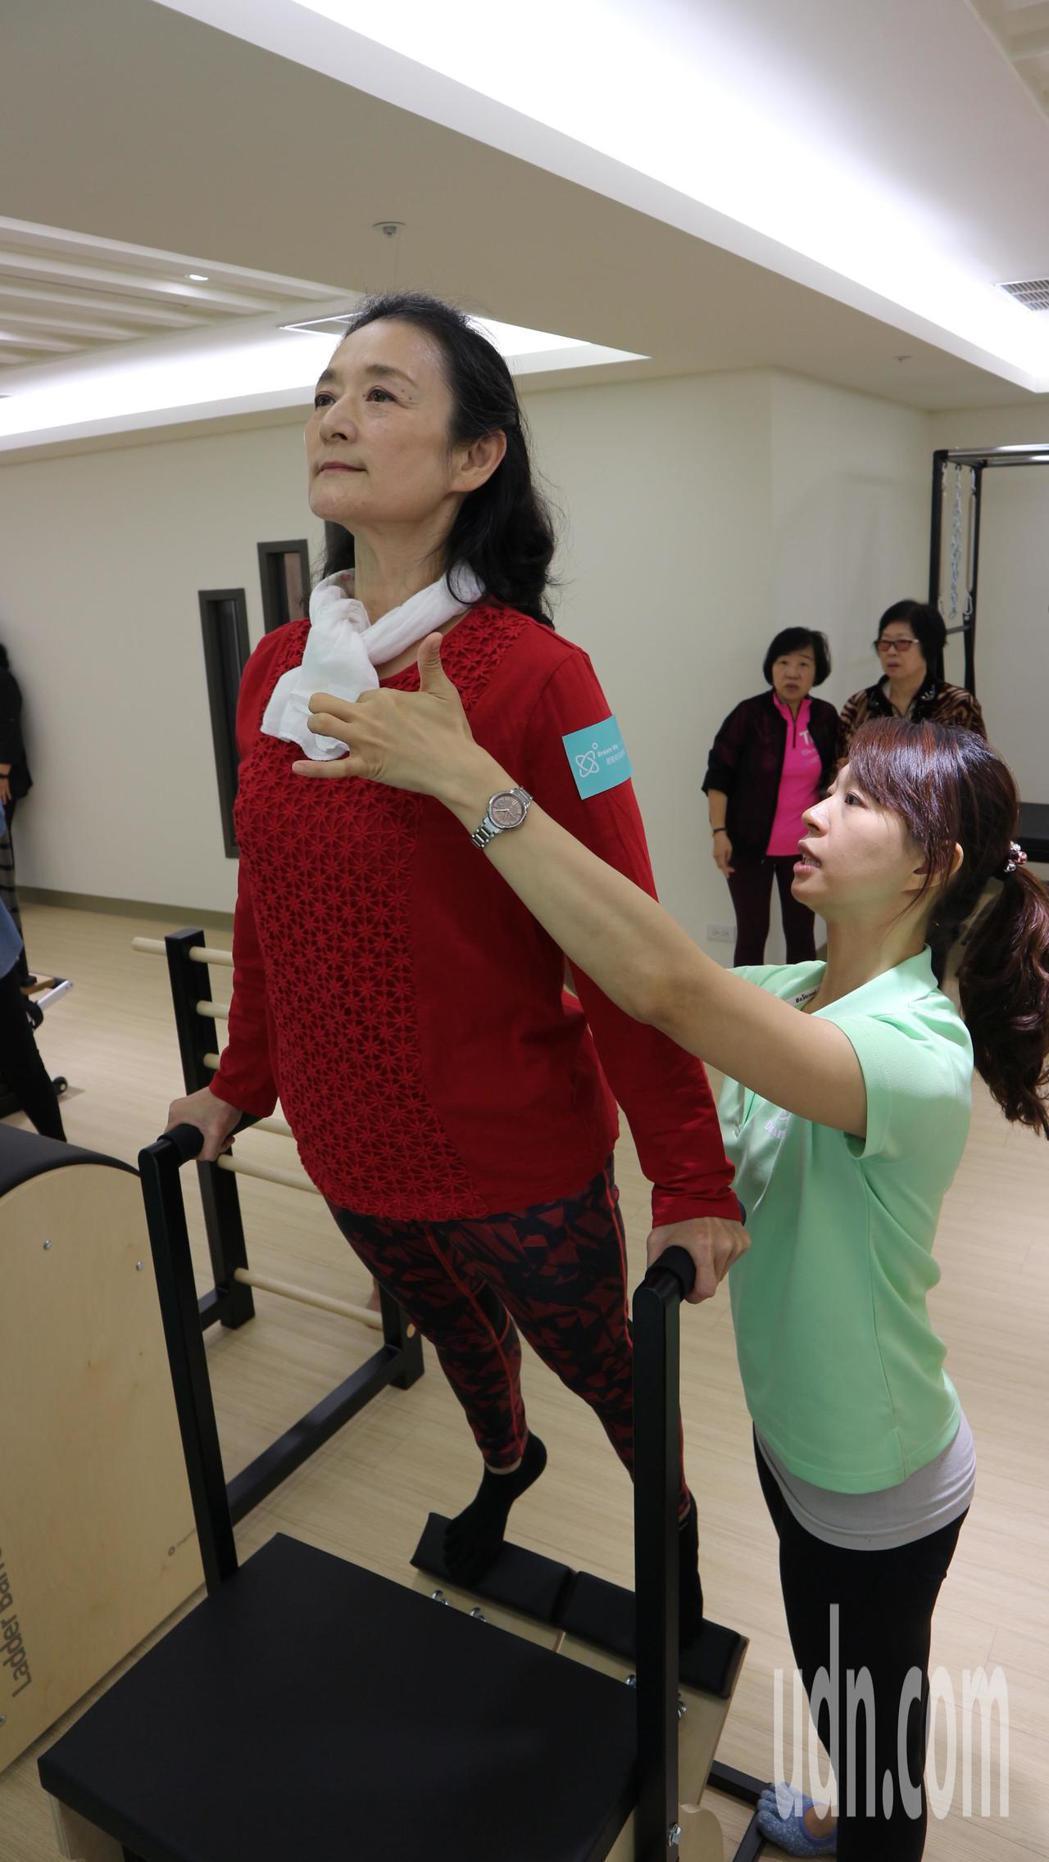 藝人譚艾珍長期以來飽受坐骨神經痛的困擾。記者陳雨鑫/攝影